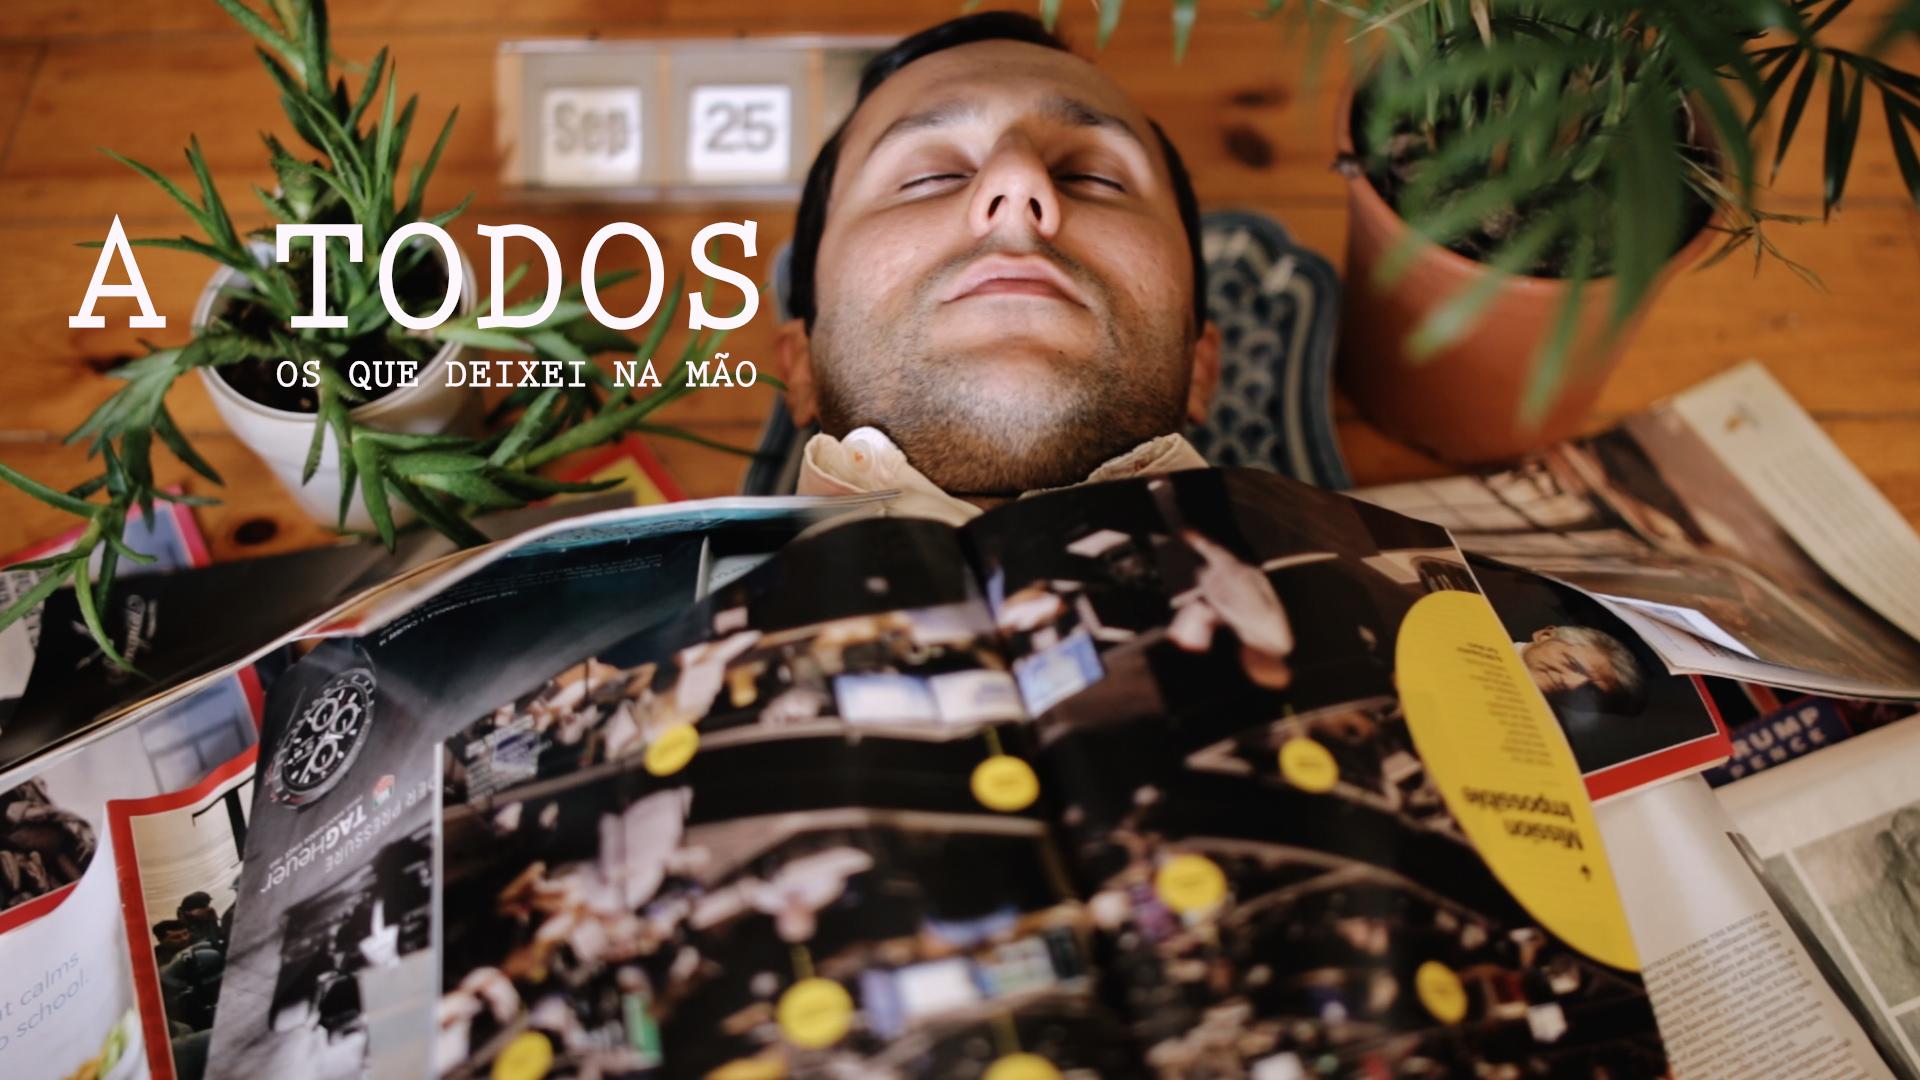 """João Granola estreia videoclip de """"A todos (os que deixei na mão)"""" em exclusivo"""